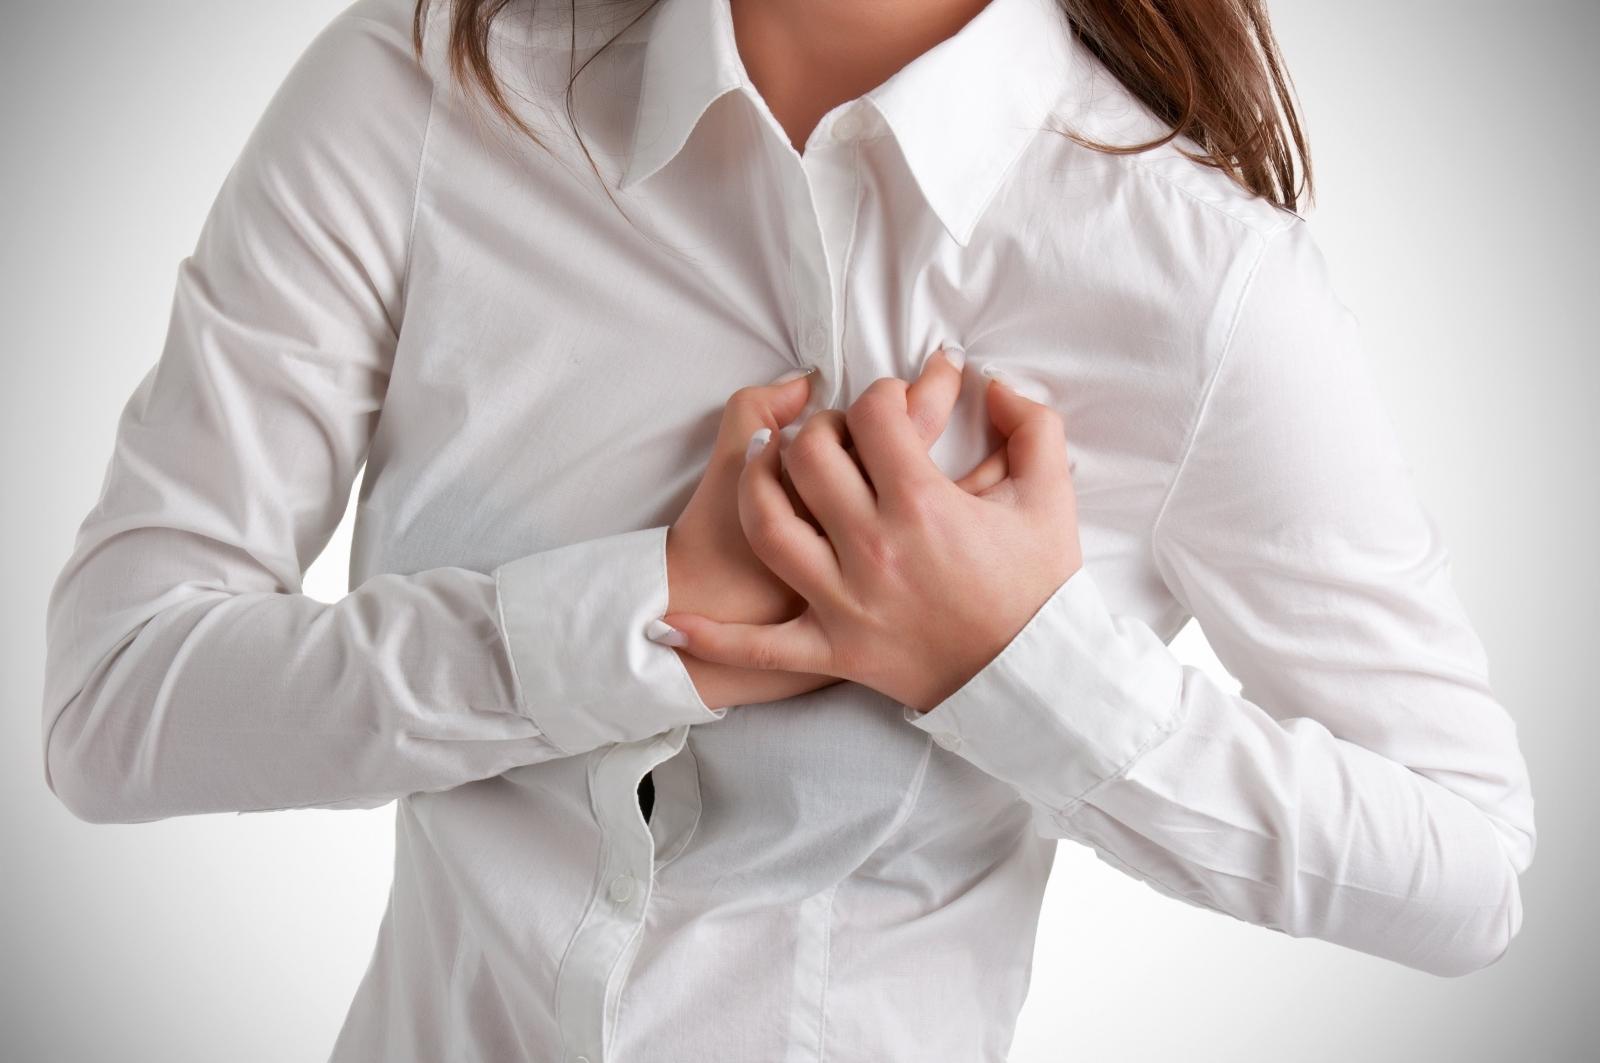 ده علت درد سینه در زنان